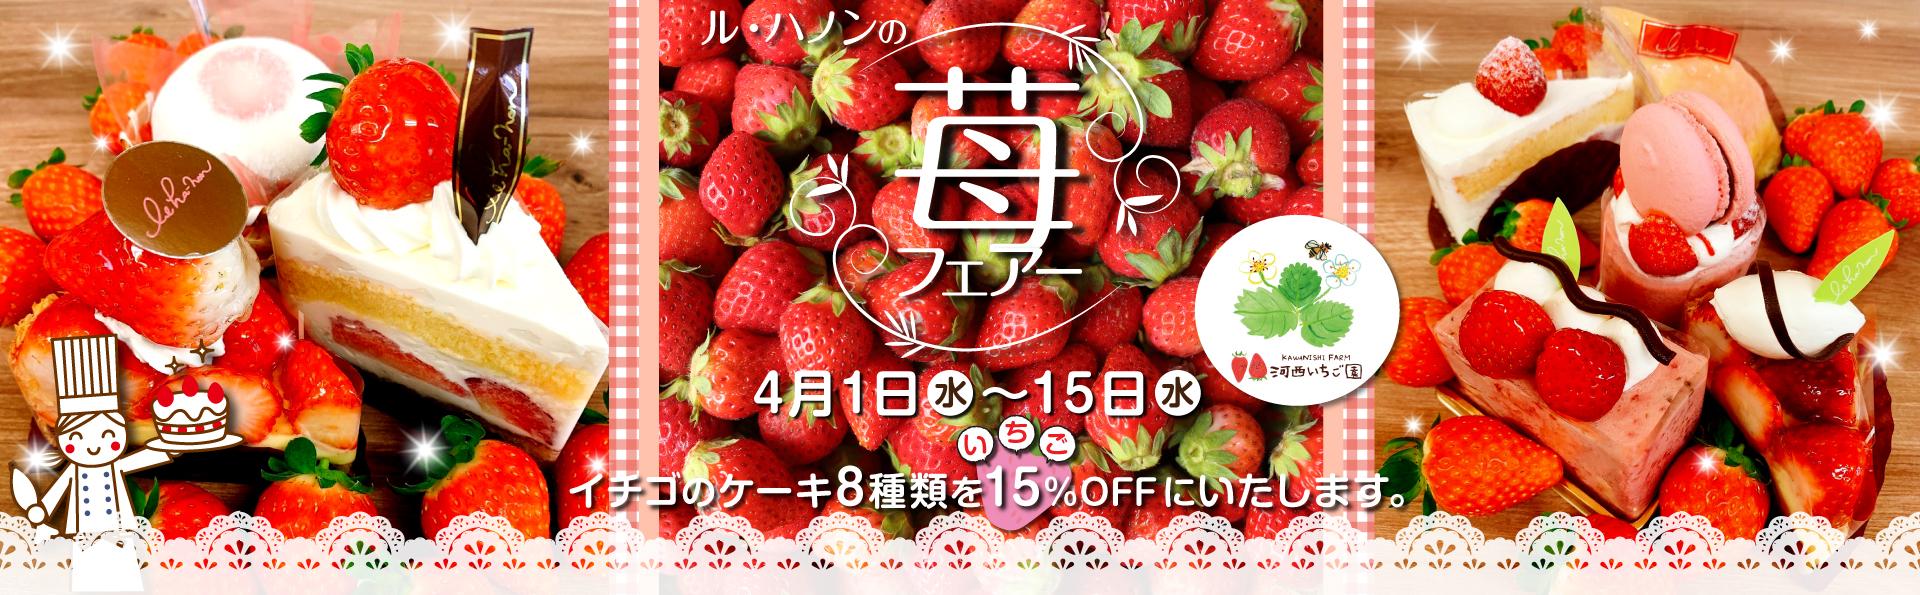 ル・ハノンのいちごフェアー 4月1日(水)〜4月15日(水) イチゴのケーキ8種類を15%OFFにいたします。